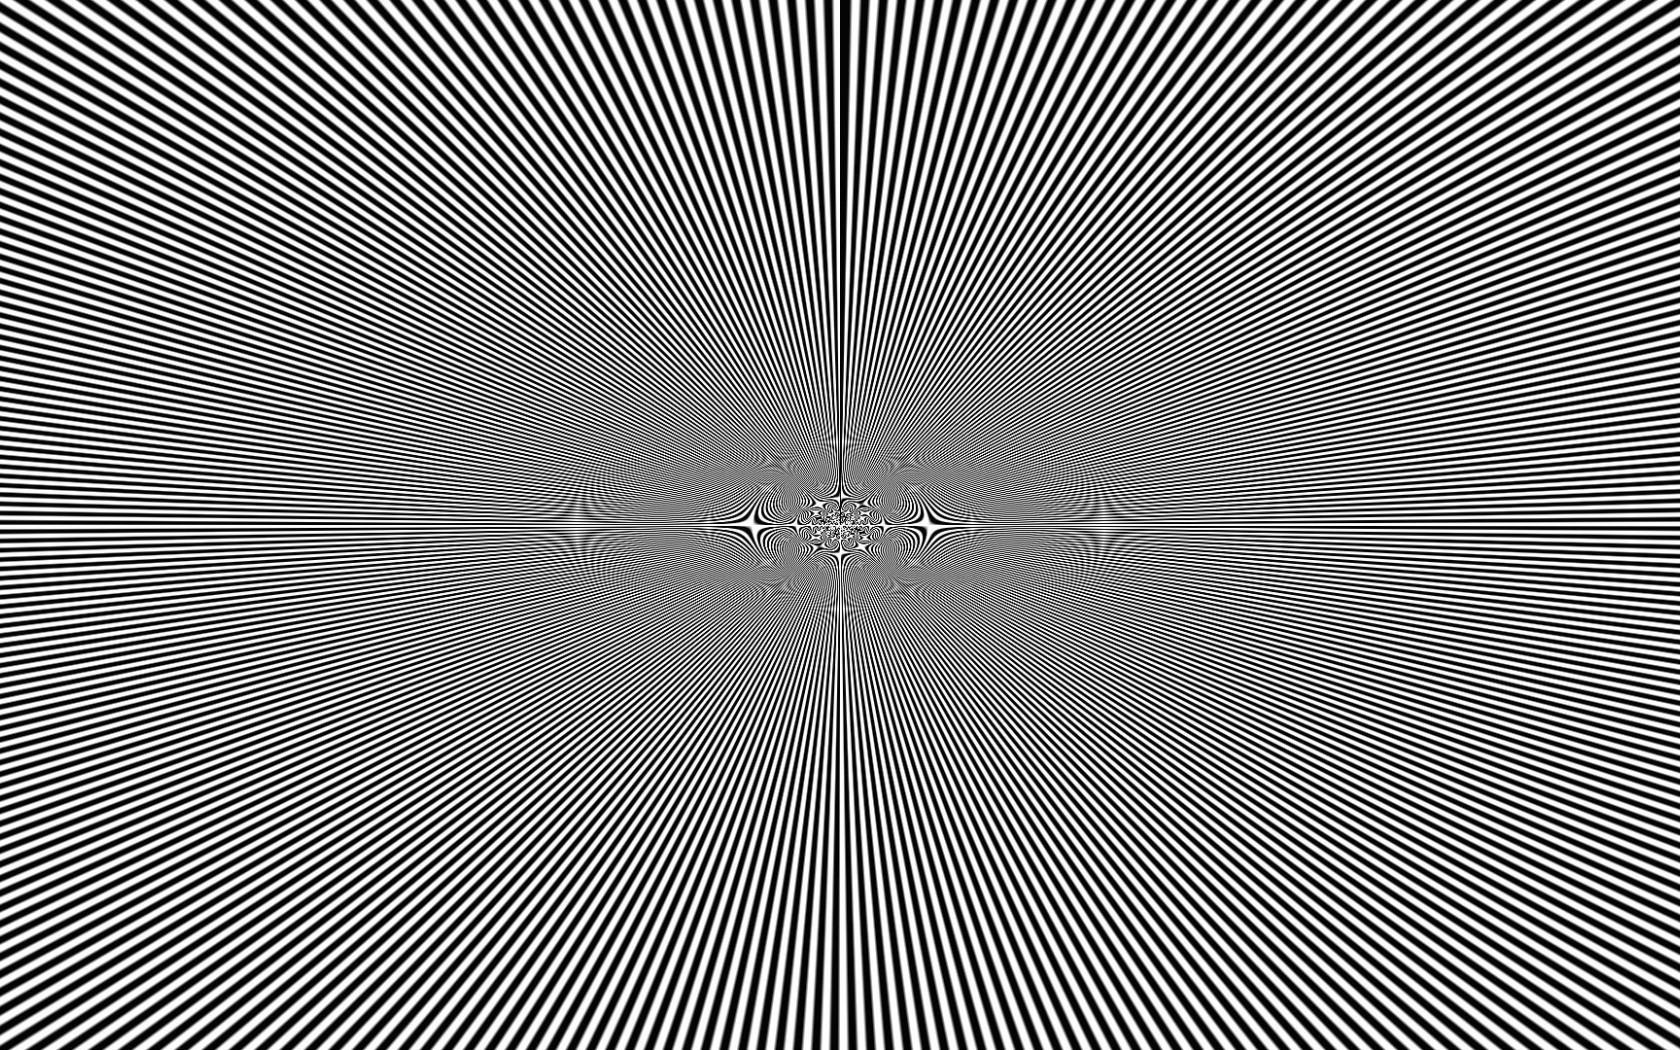 Line Texture Definition : Brain teaser wallpaper wallpapersafari